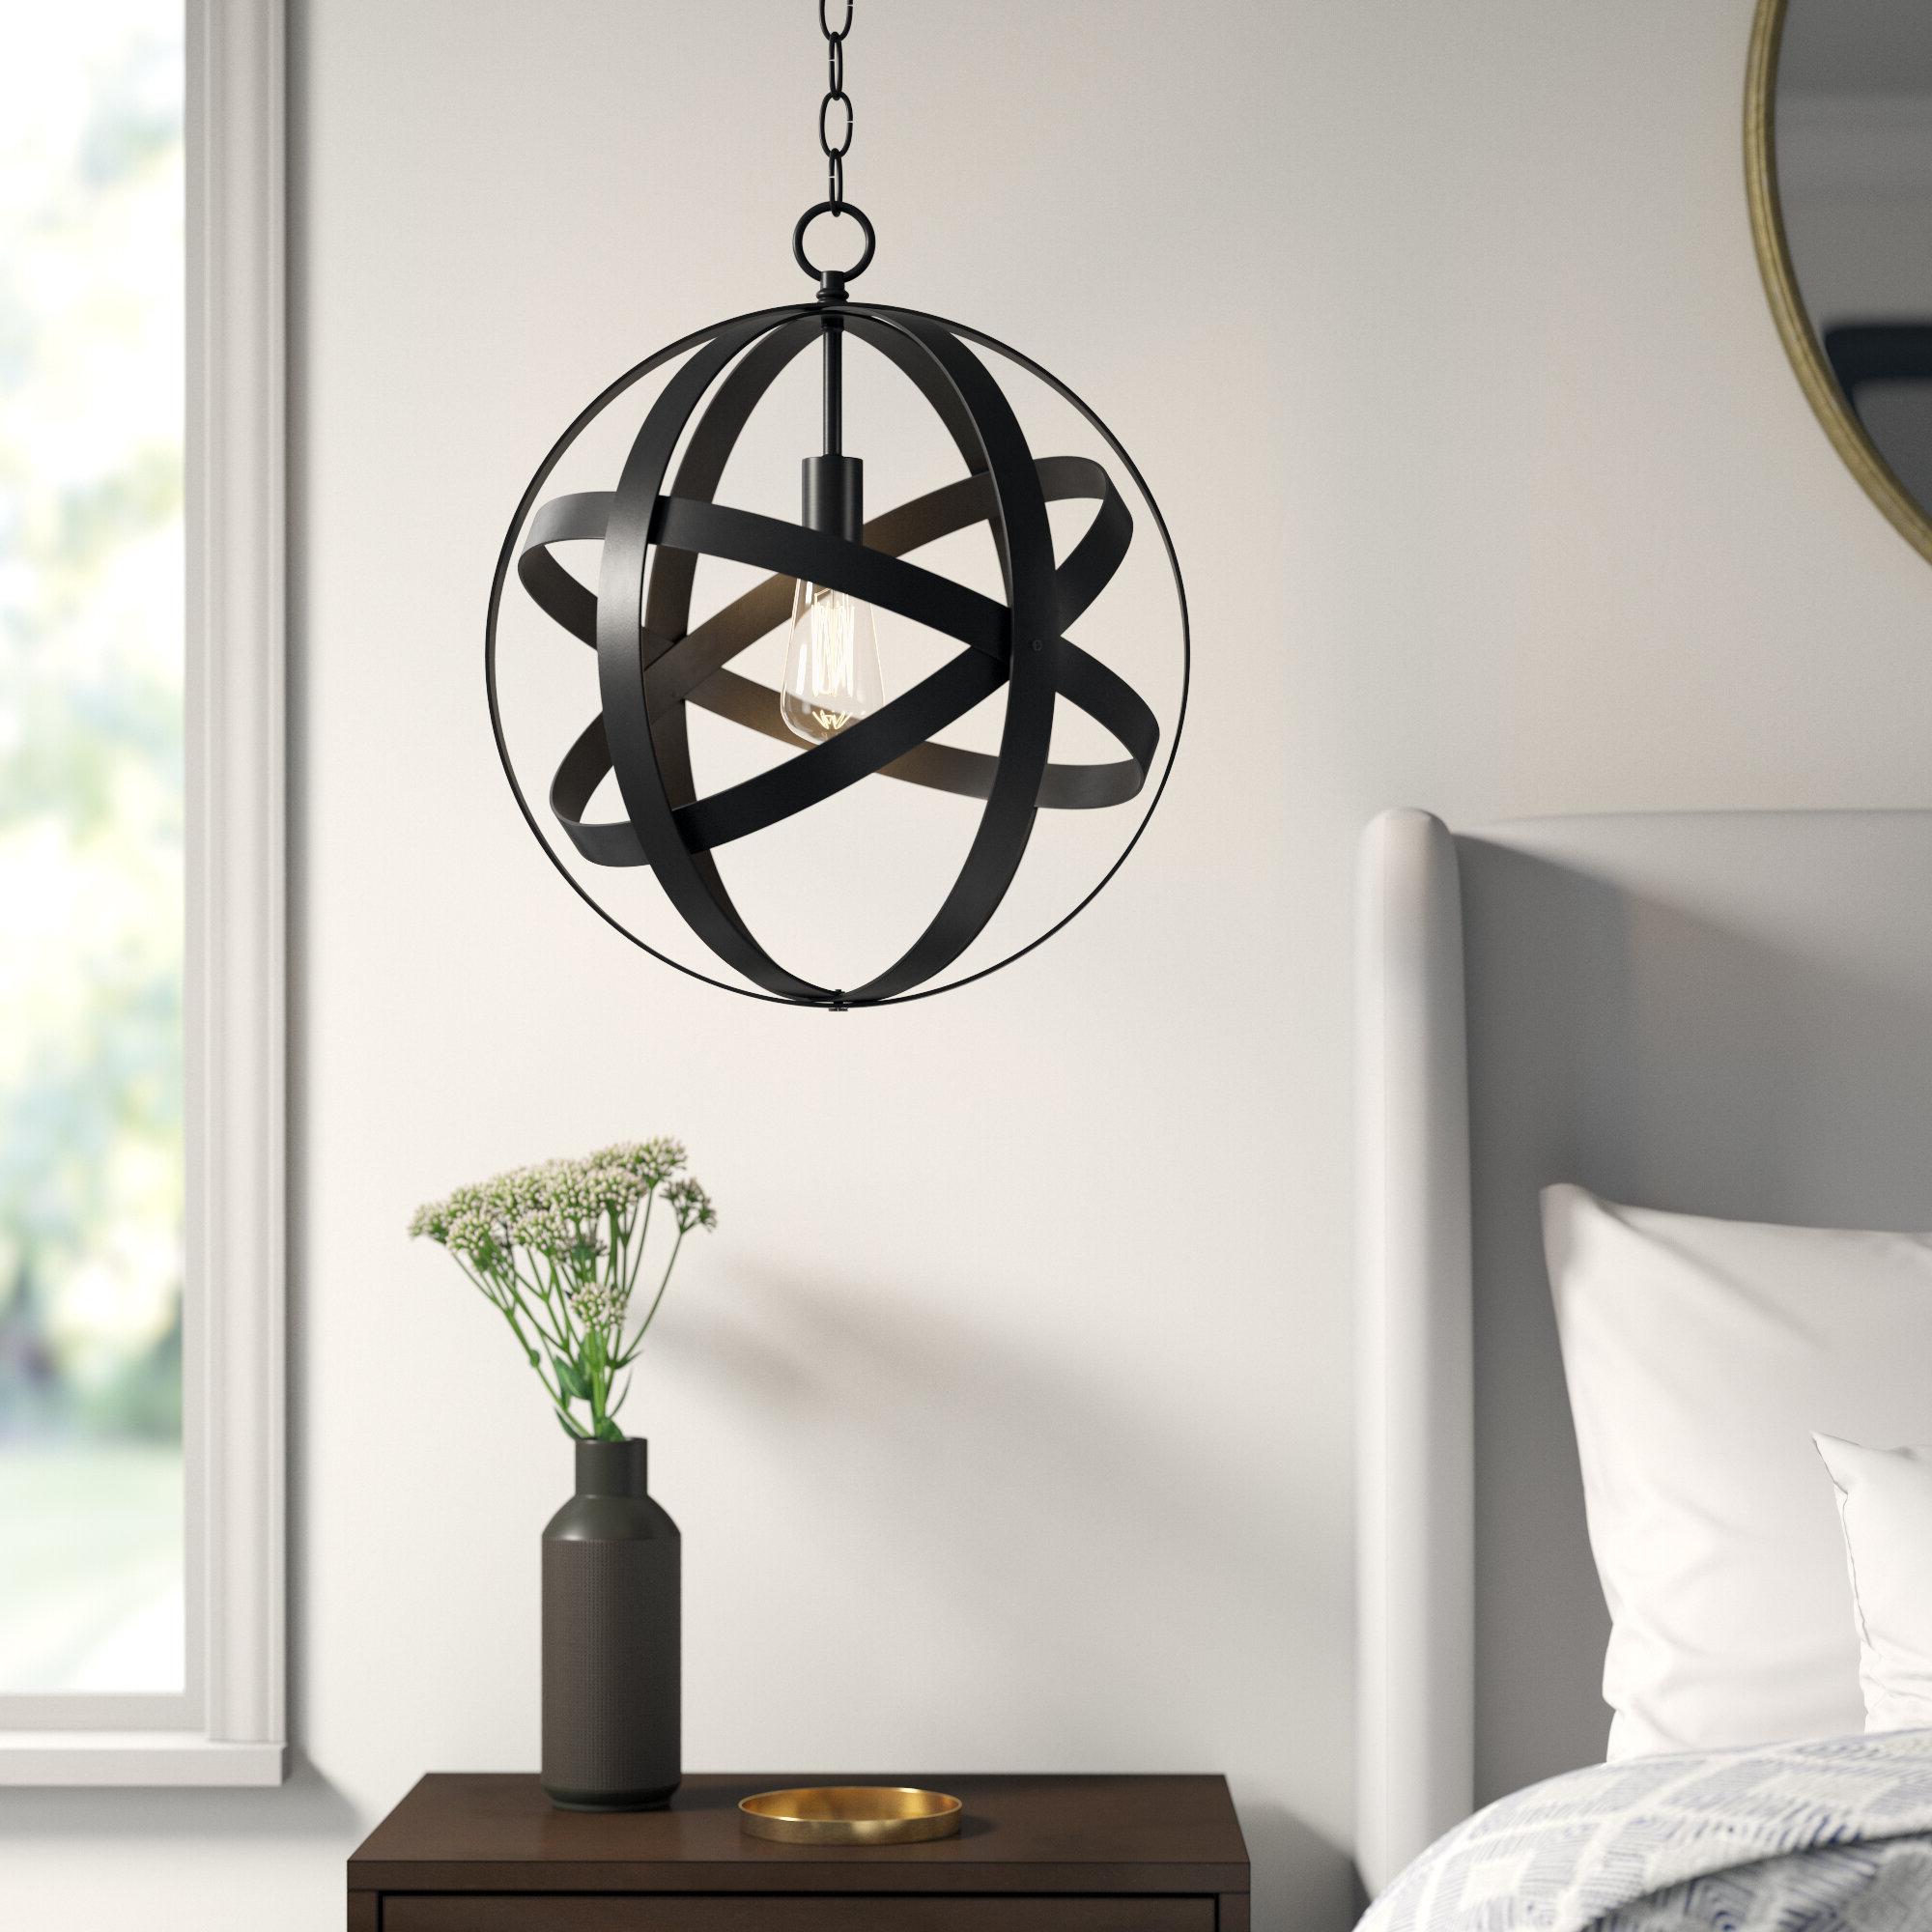 Ealey 1 Light Globe Pendant Intended For 2019 Irwin 1 Light Single Globe Pendants (Gallery 18 of 25)